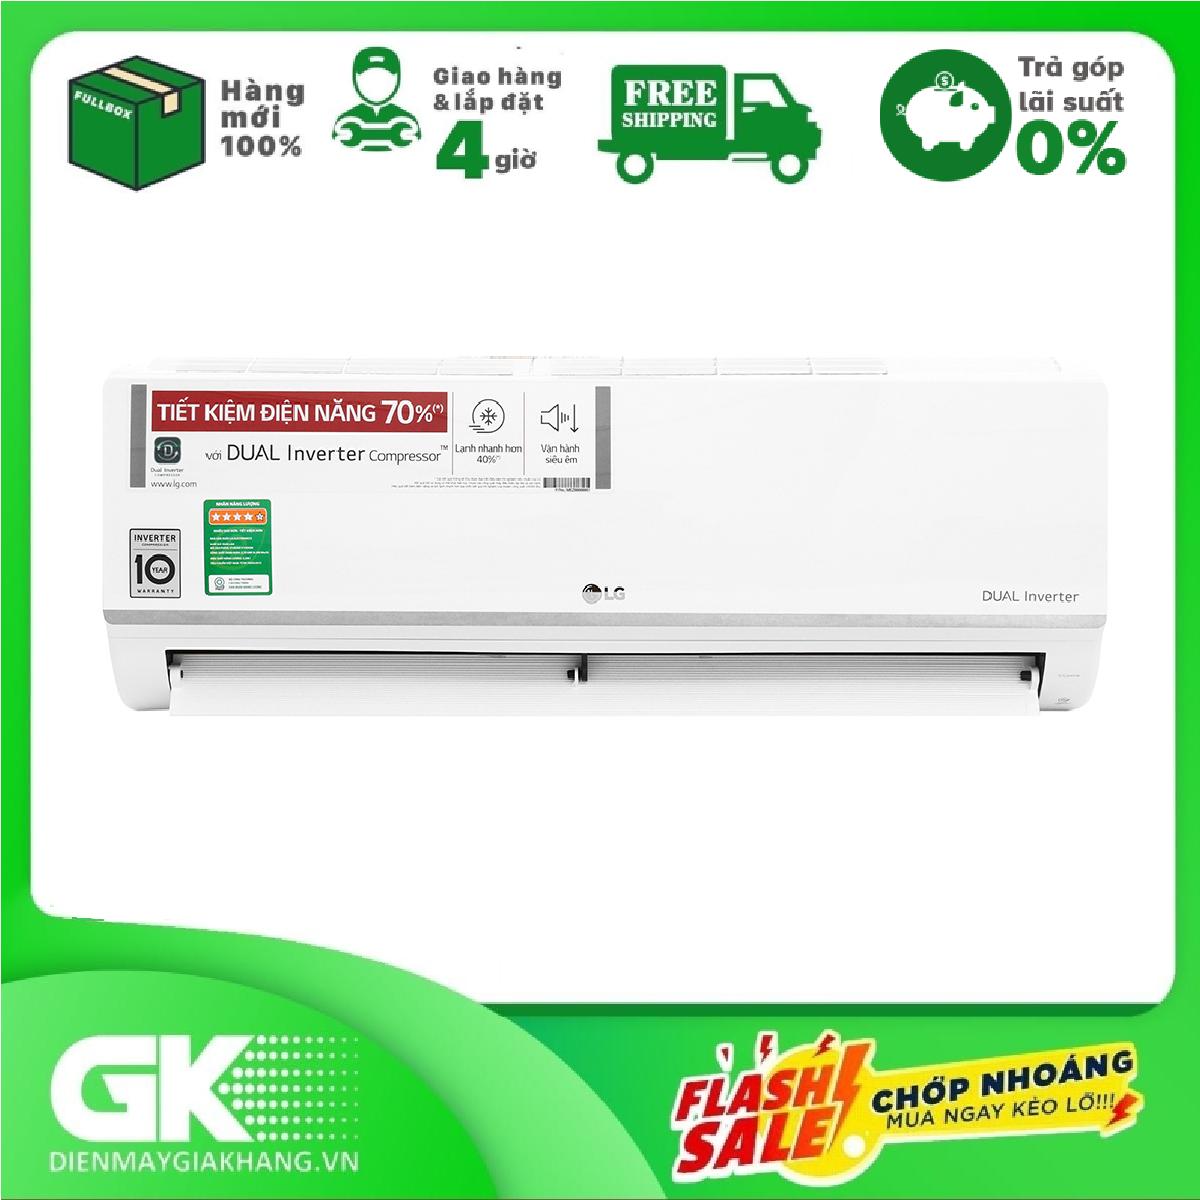 RẢ GÓP 0% – Máy lạnh LG Inverter 1 HP V10ENW, tiết kiệm điện lên đến 70%, vận hành êm ái – Bảo hành 2 năm